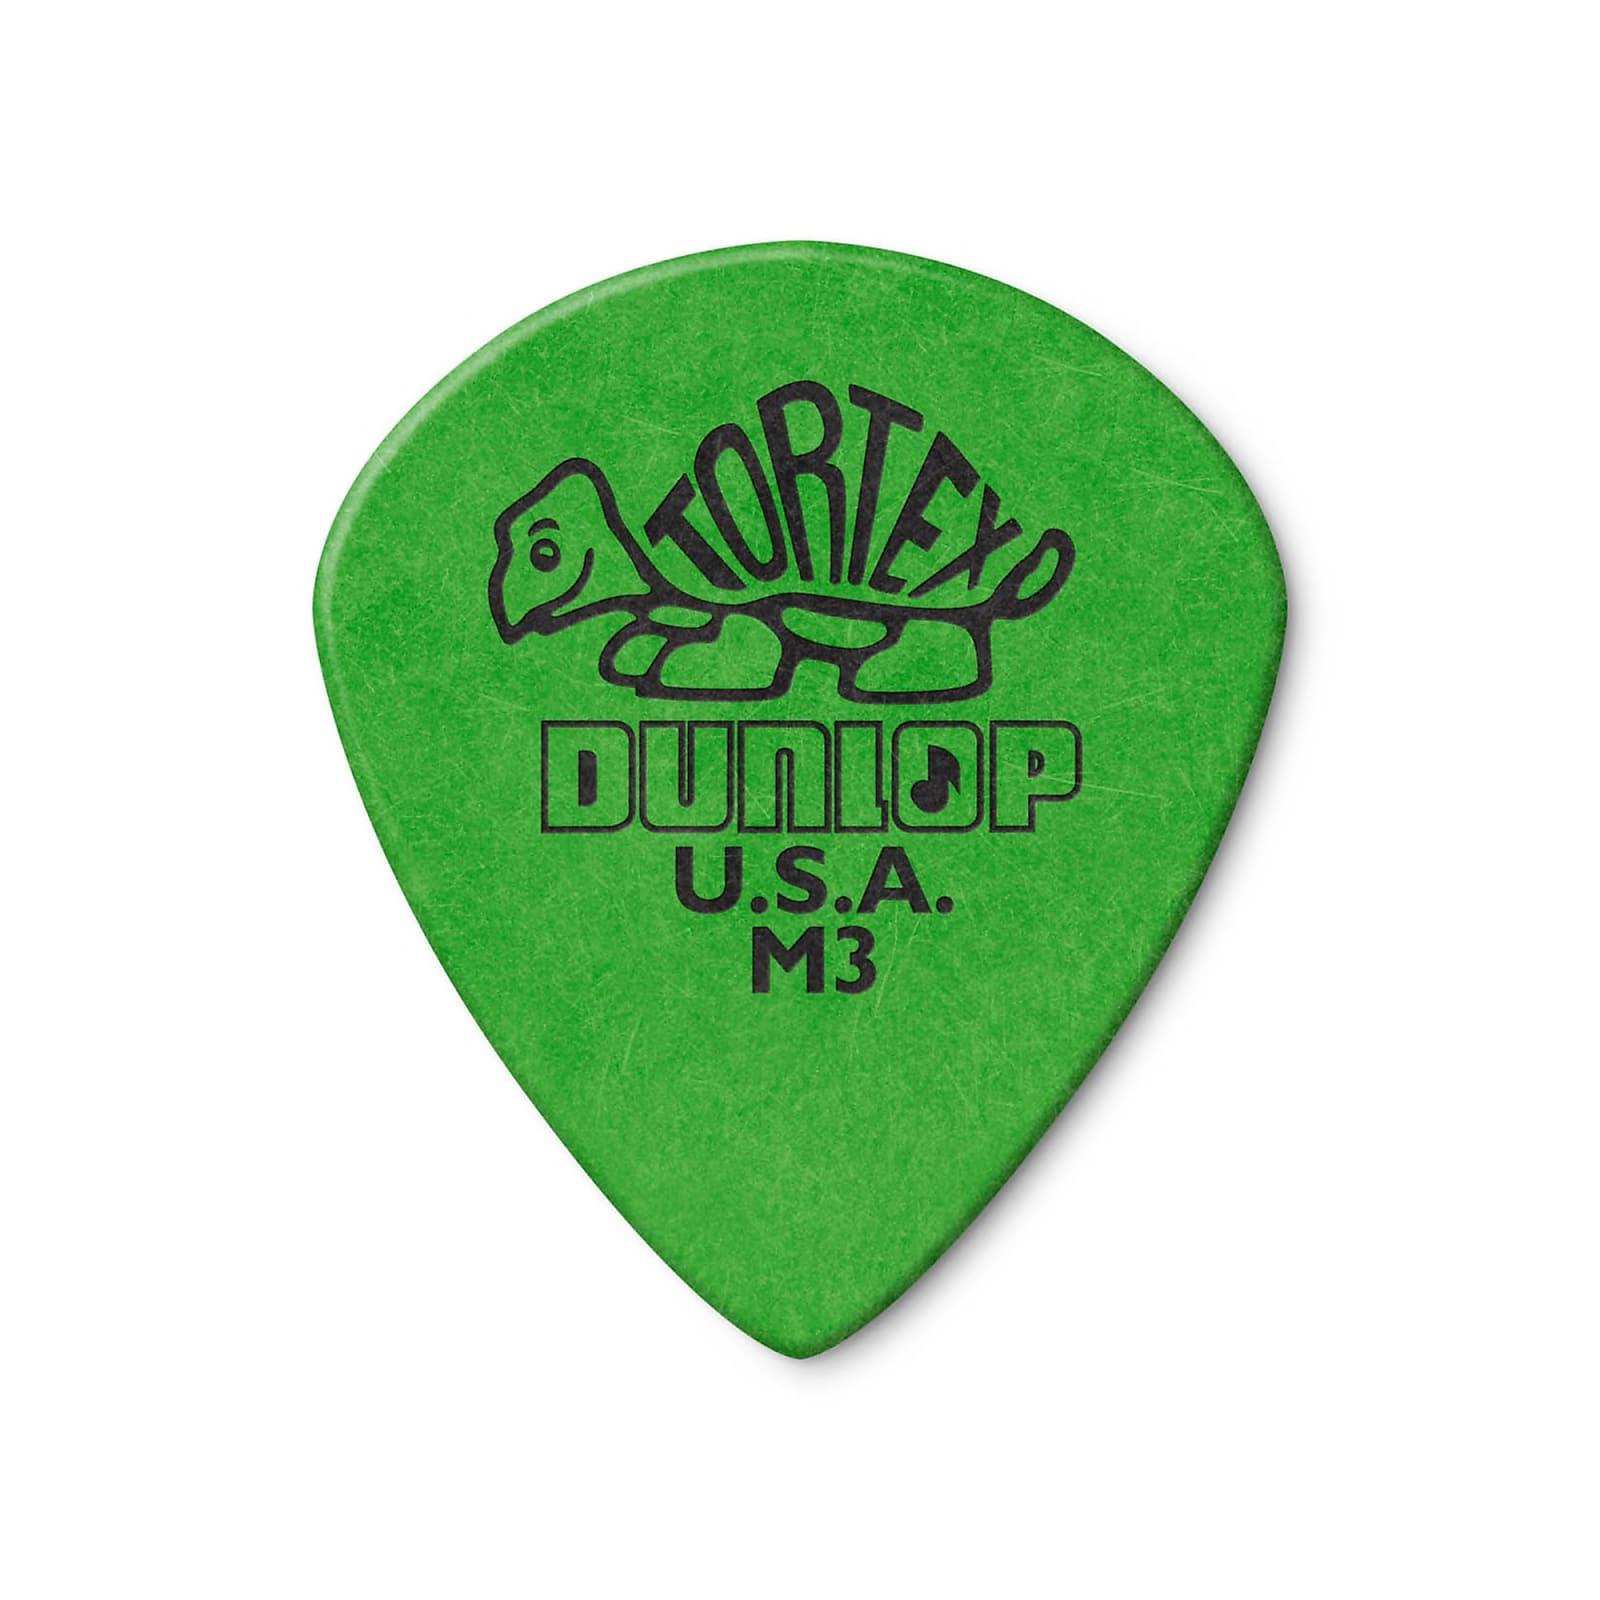 12 Dunlop Tortex Jazz III XL Blue 1.00mm Players Pack 3 Set Bundle